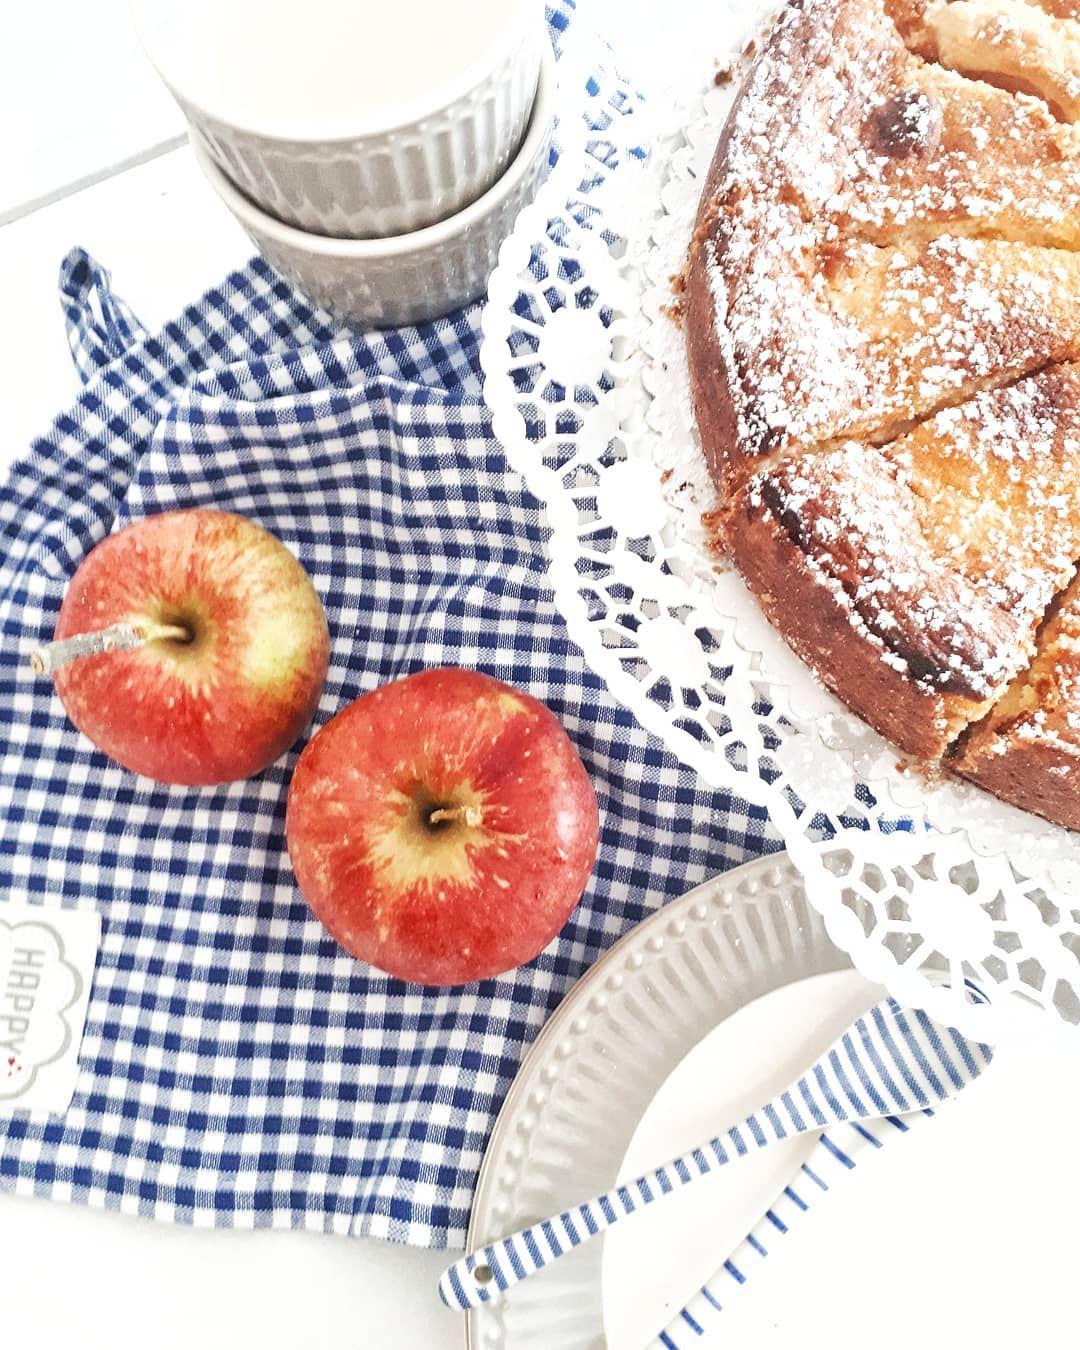 Moin zusammen ✌ alle gut in die neue Woche gestartet?? Hier gibt's jetzt noch ein Stück vom Geburtstagsapfelkuchen von gestern. 😋😋😋 habt noch einen schönen restlichen Montag 💙💙💙💙💙🍎🍎🍎🍎